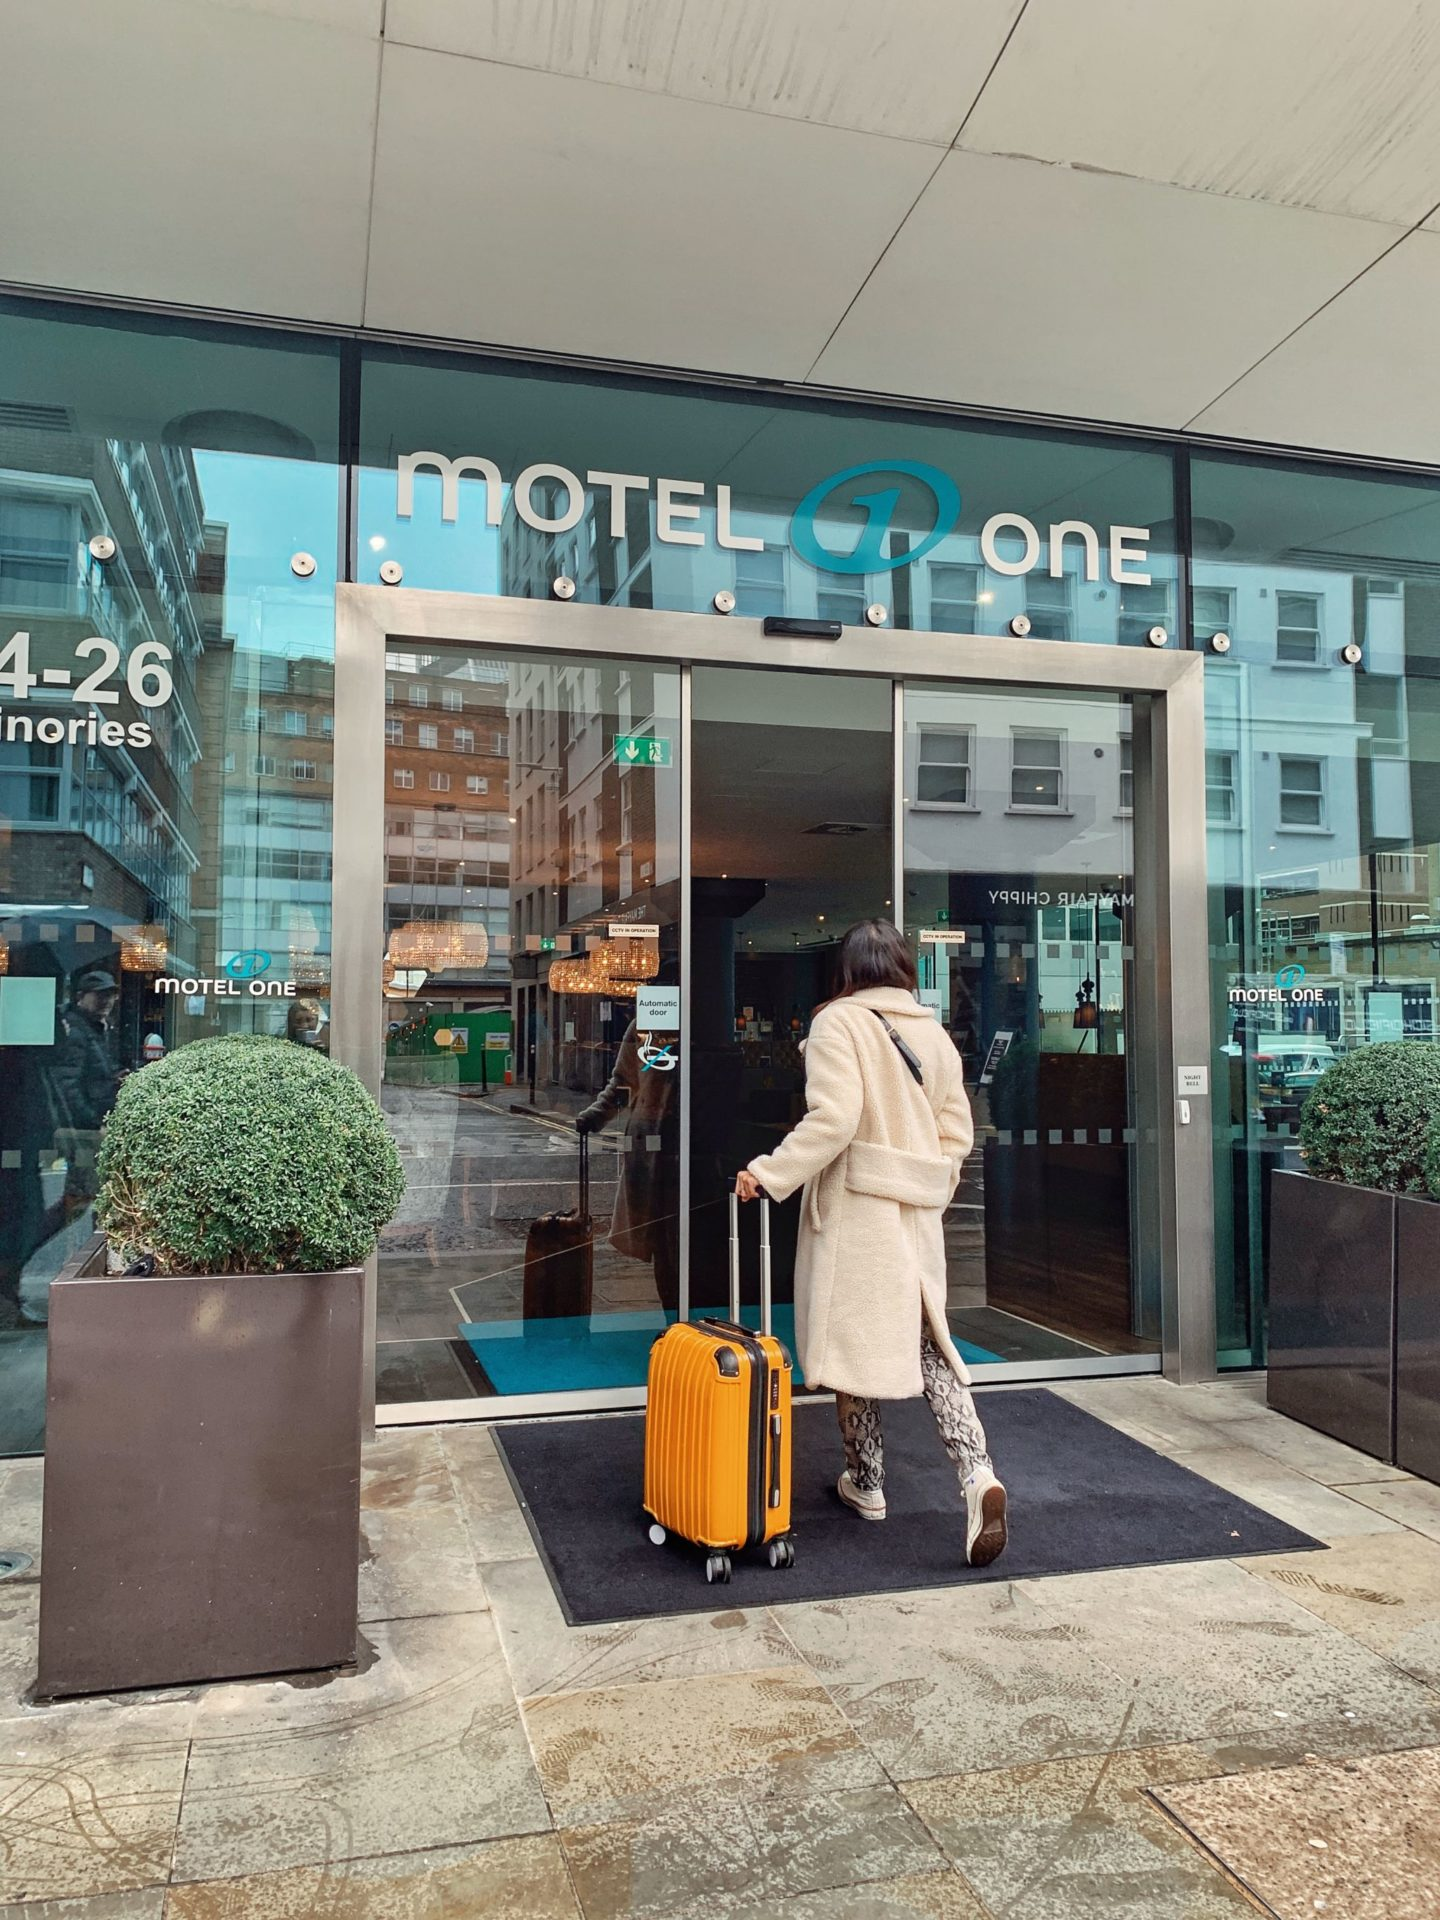 hôtel motel one londres